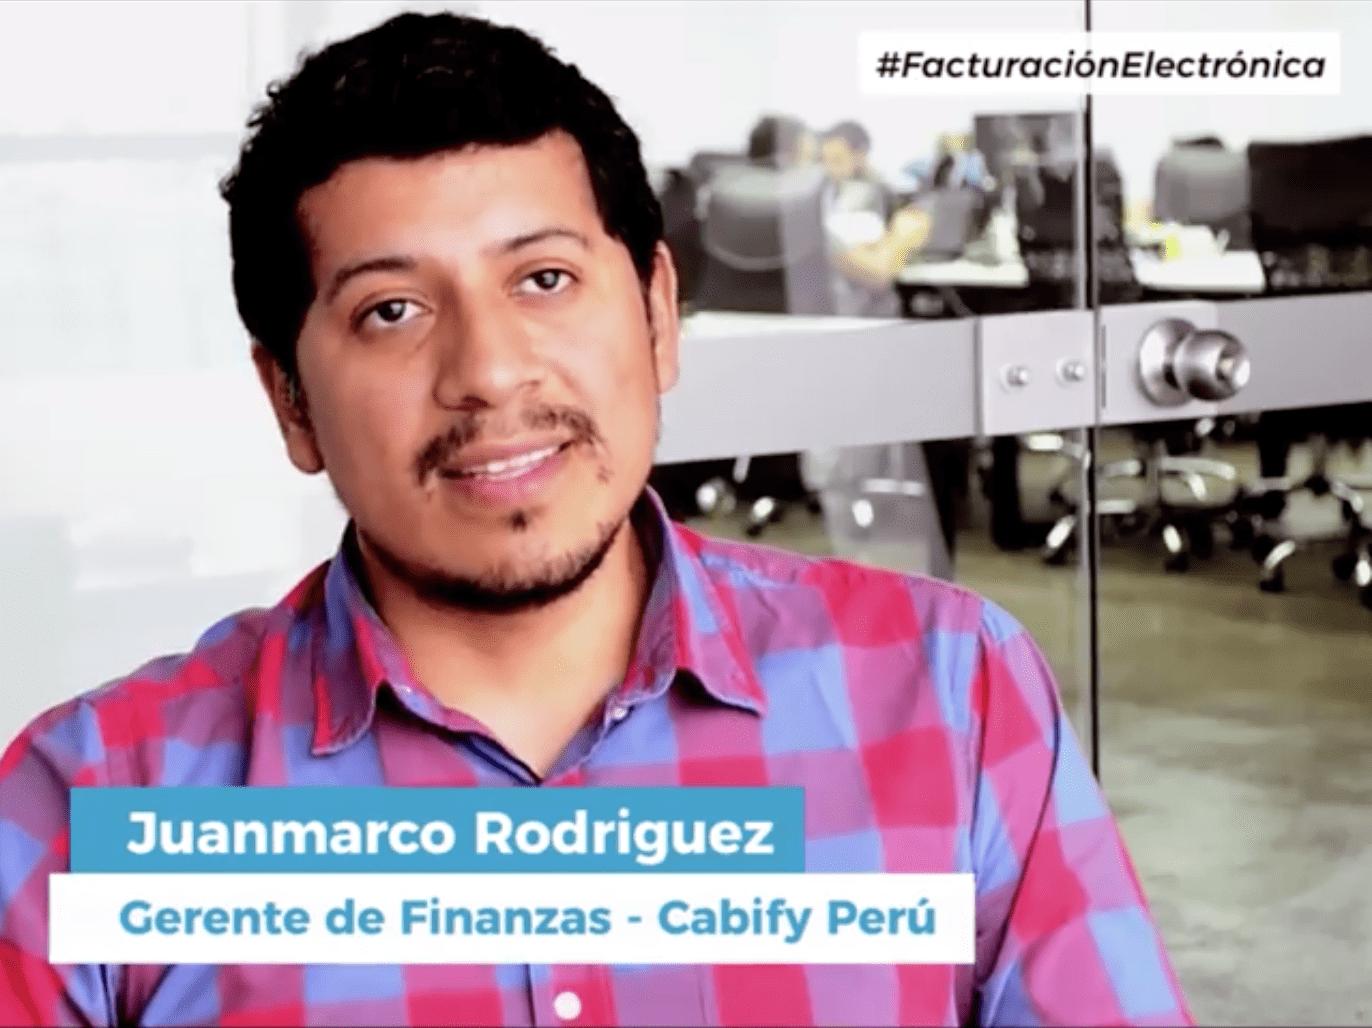 Juanmarco Rodriguez gerente de finanzas de Cabify, describe su experiencia de facturación electrónica con nuestra plataforma: tefacturo.pe